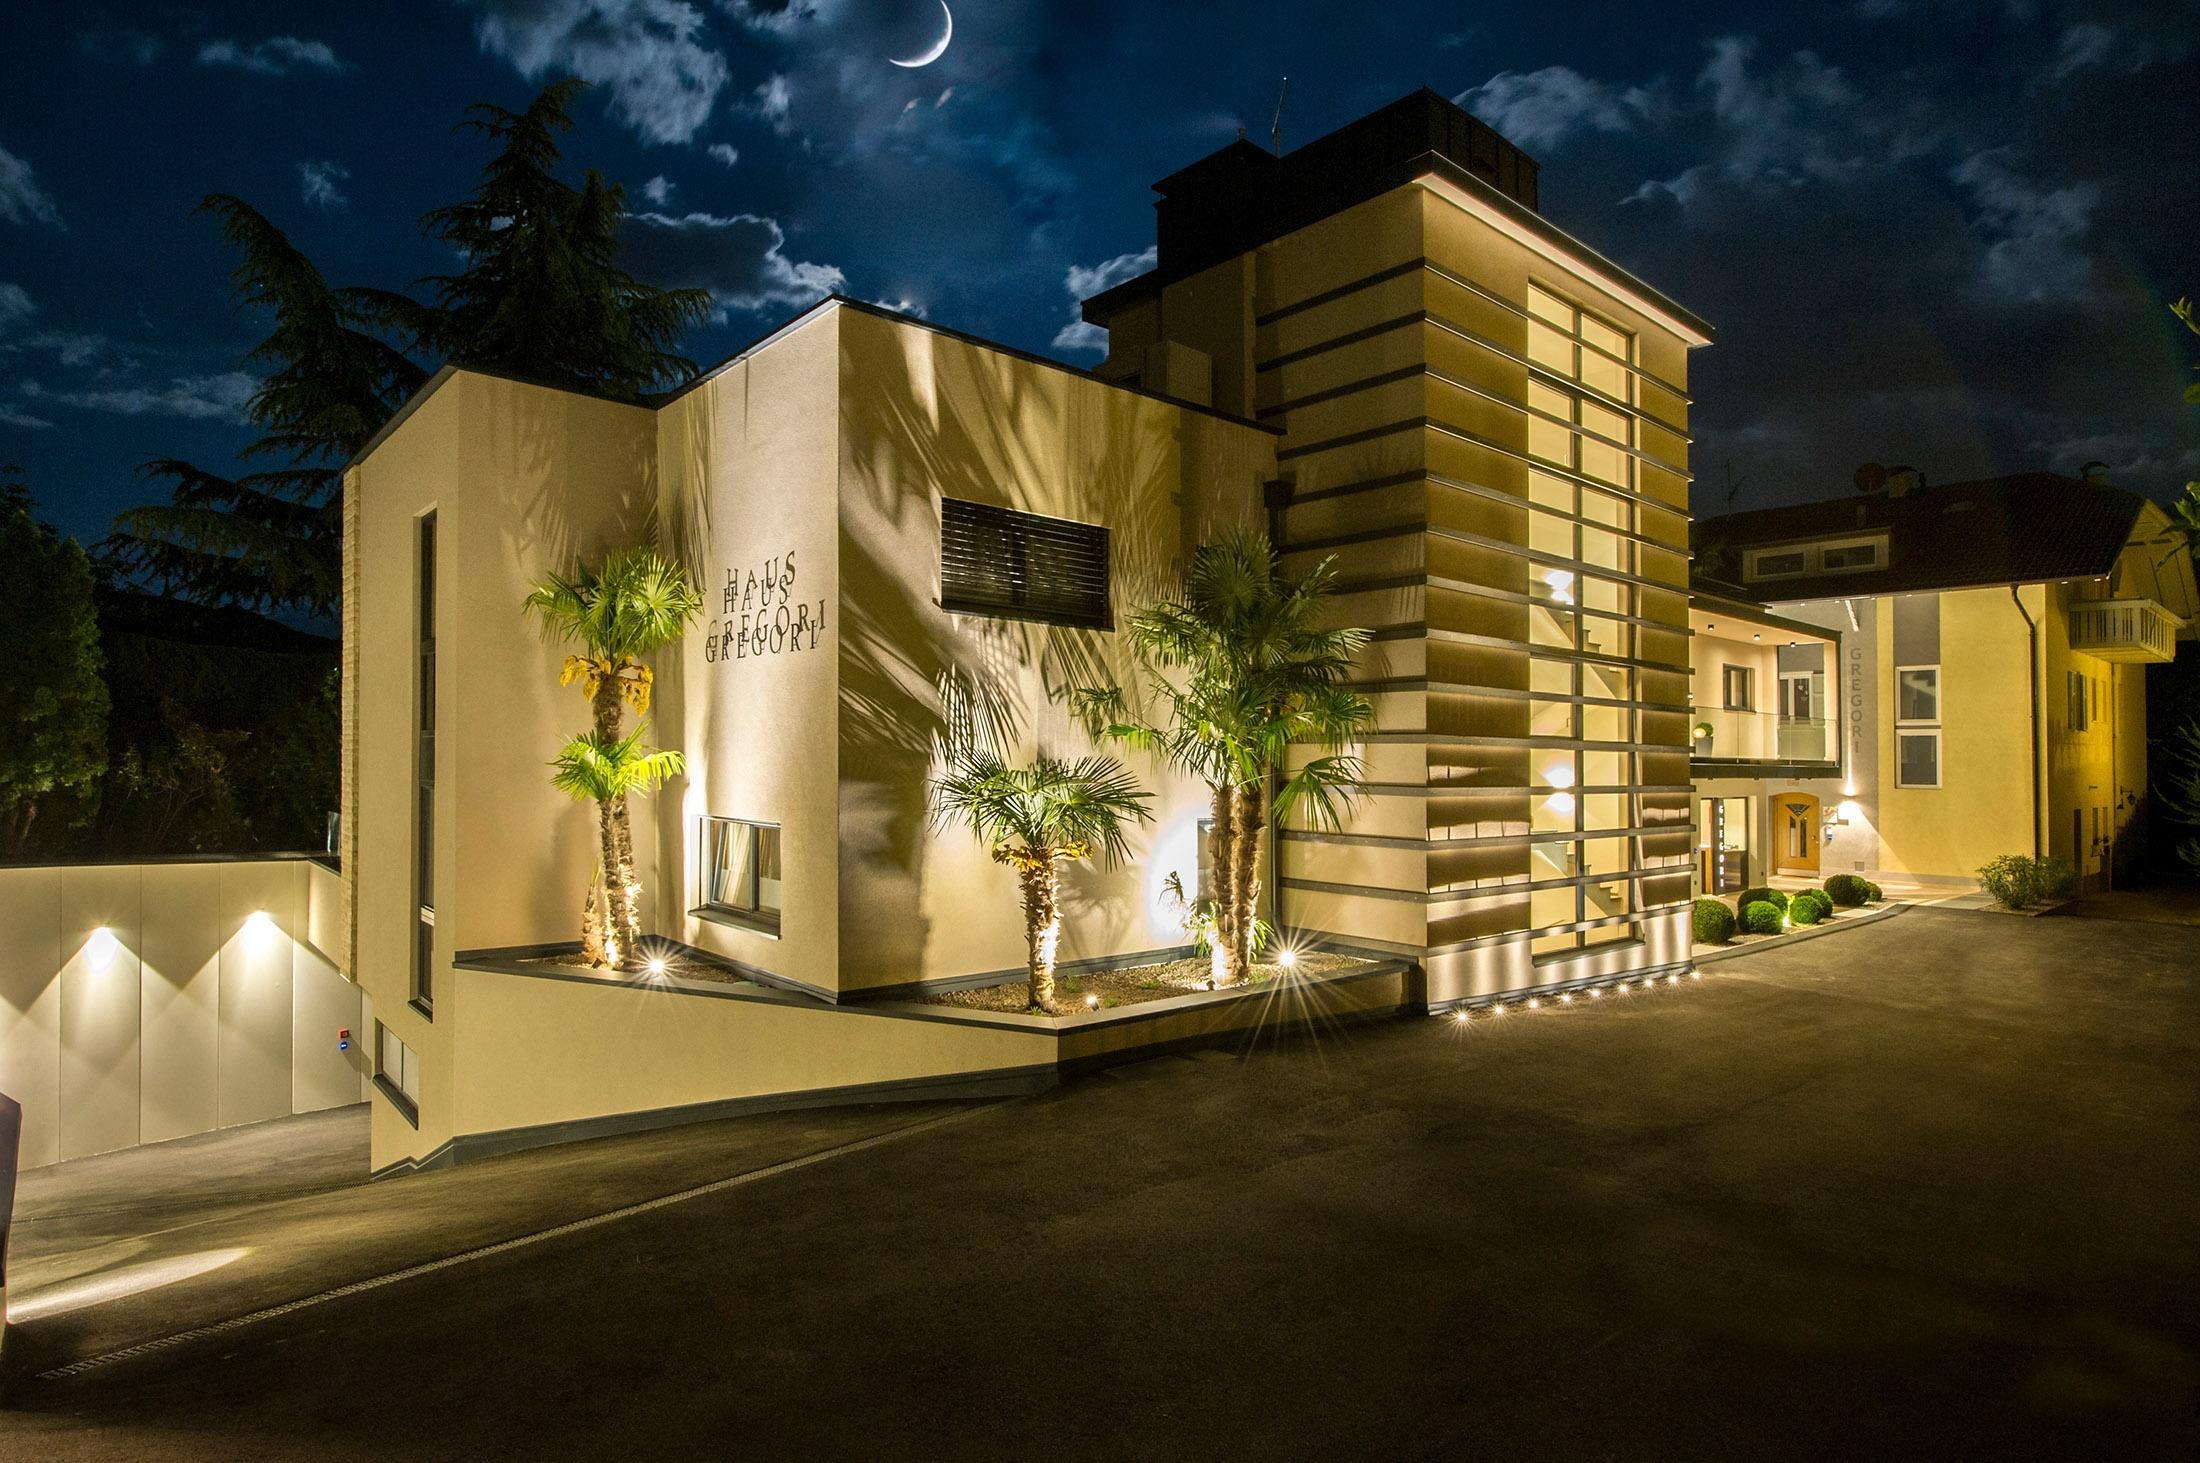 Haus gregori mitterdorf kaltern 4 sterne residence for Hotel kaltern